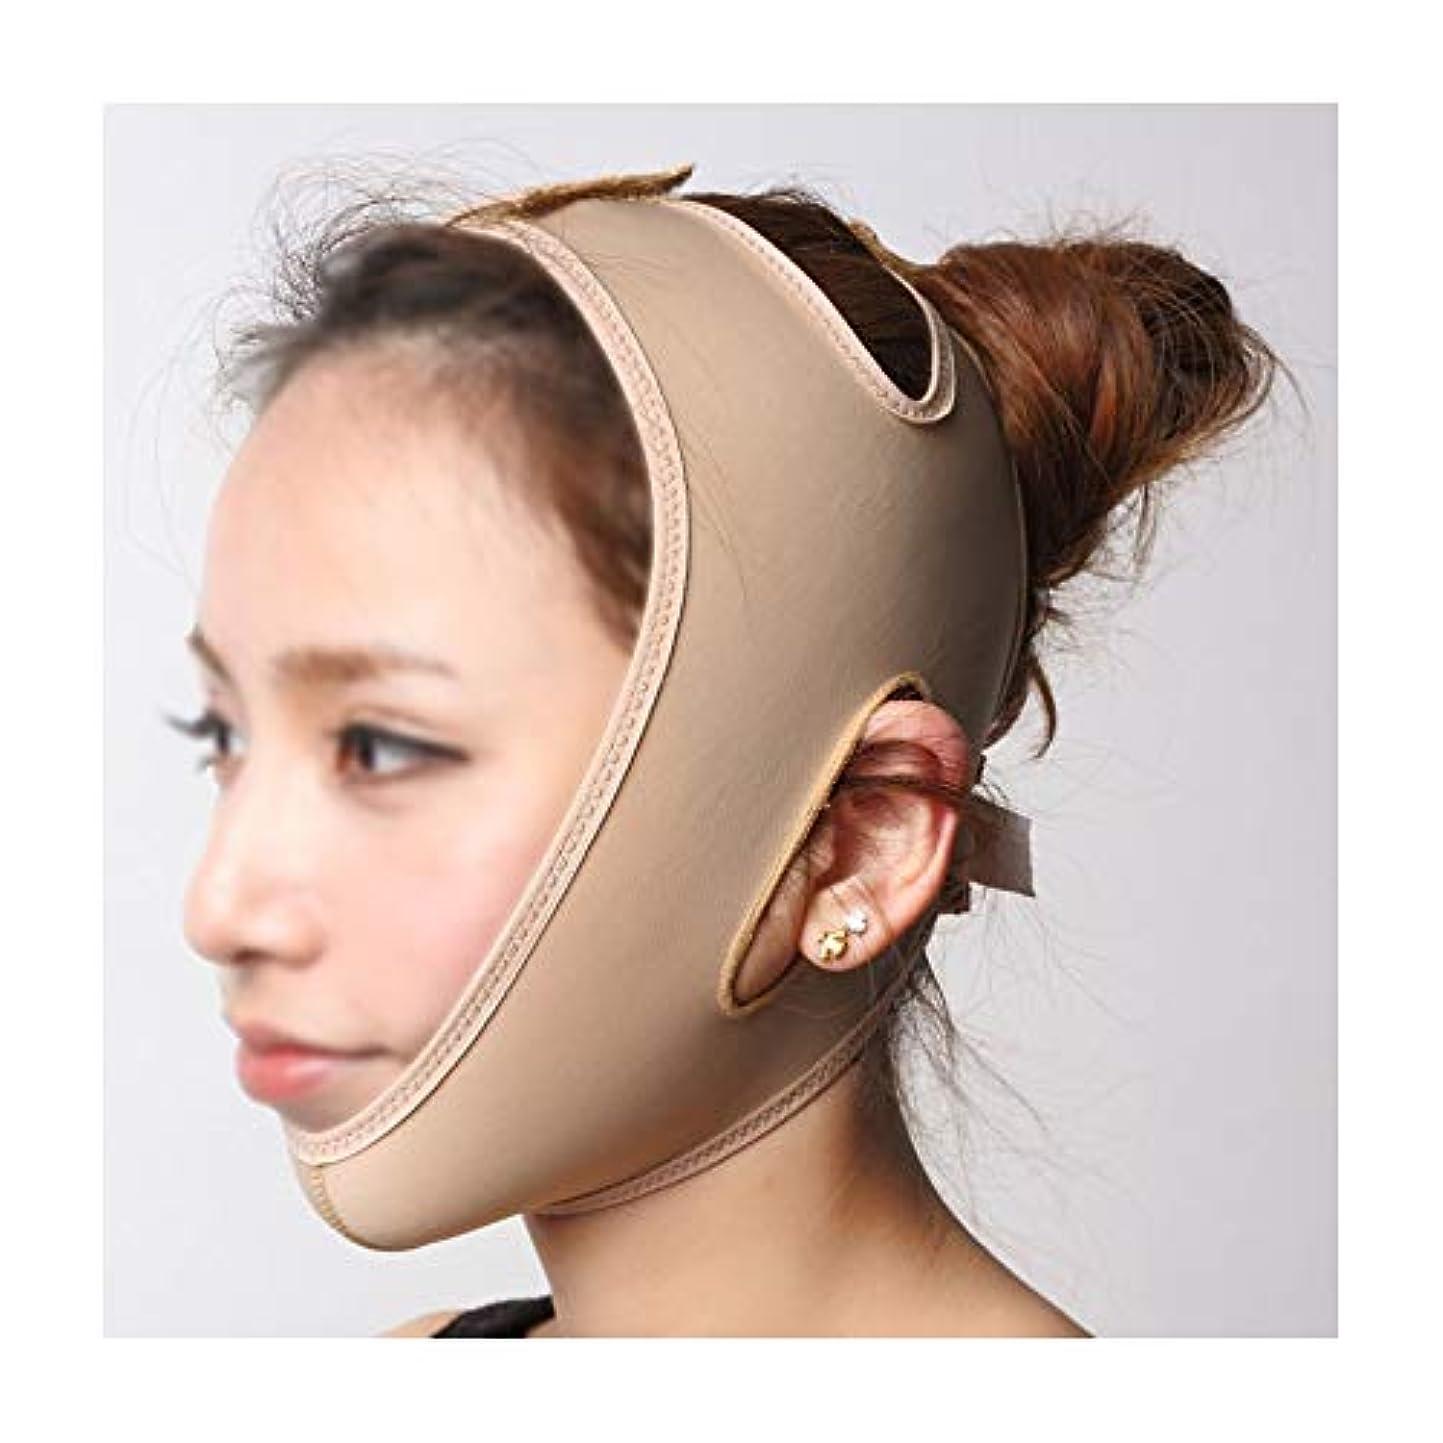 罪悪感貨物隔離XHLMRMJ 引き締めフェイスマスク、睡眠薄い顔包帯薄いフェイスマスクフェイスリフティングフェイスメロンフェイスVフェイスリフティング引き締め二重あご美容ツール (Size : XL)